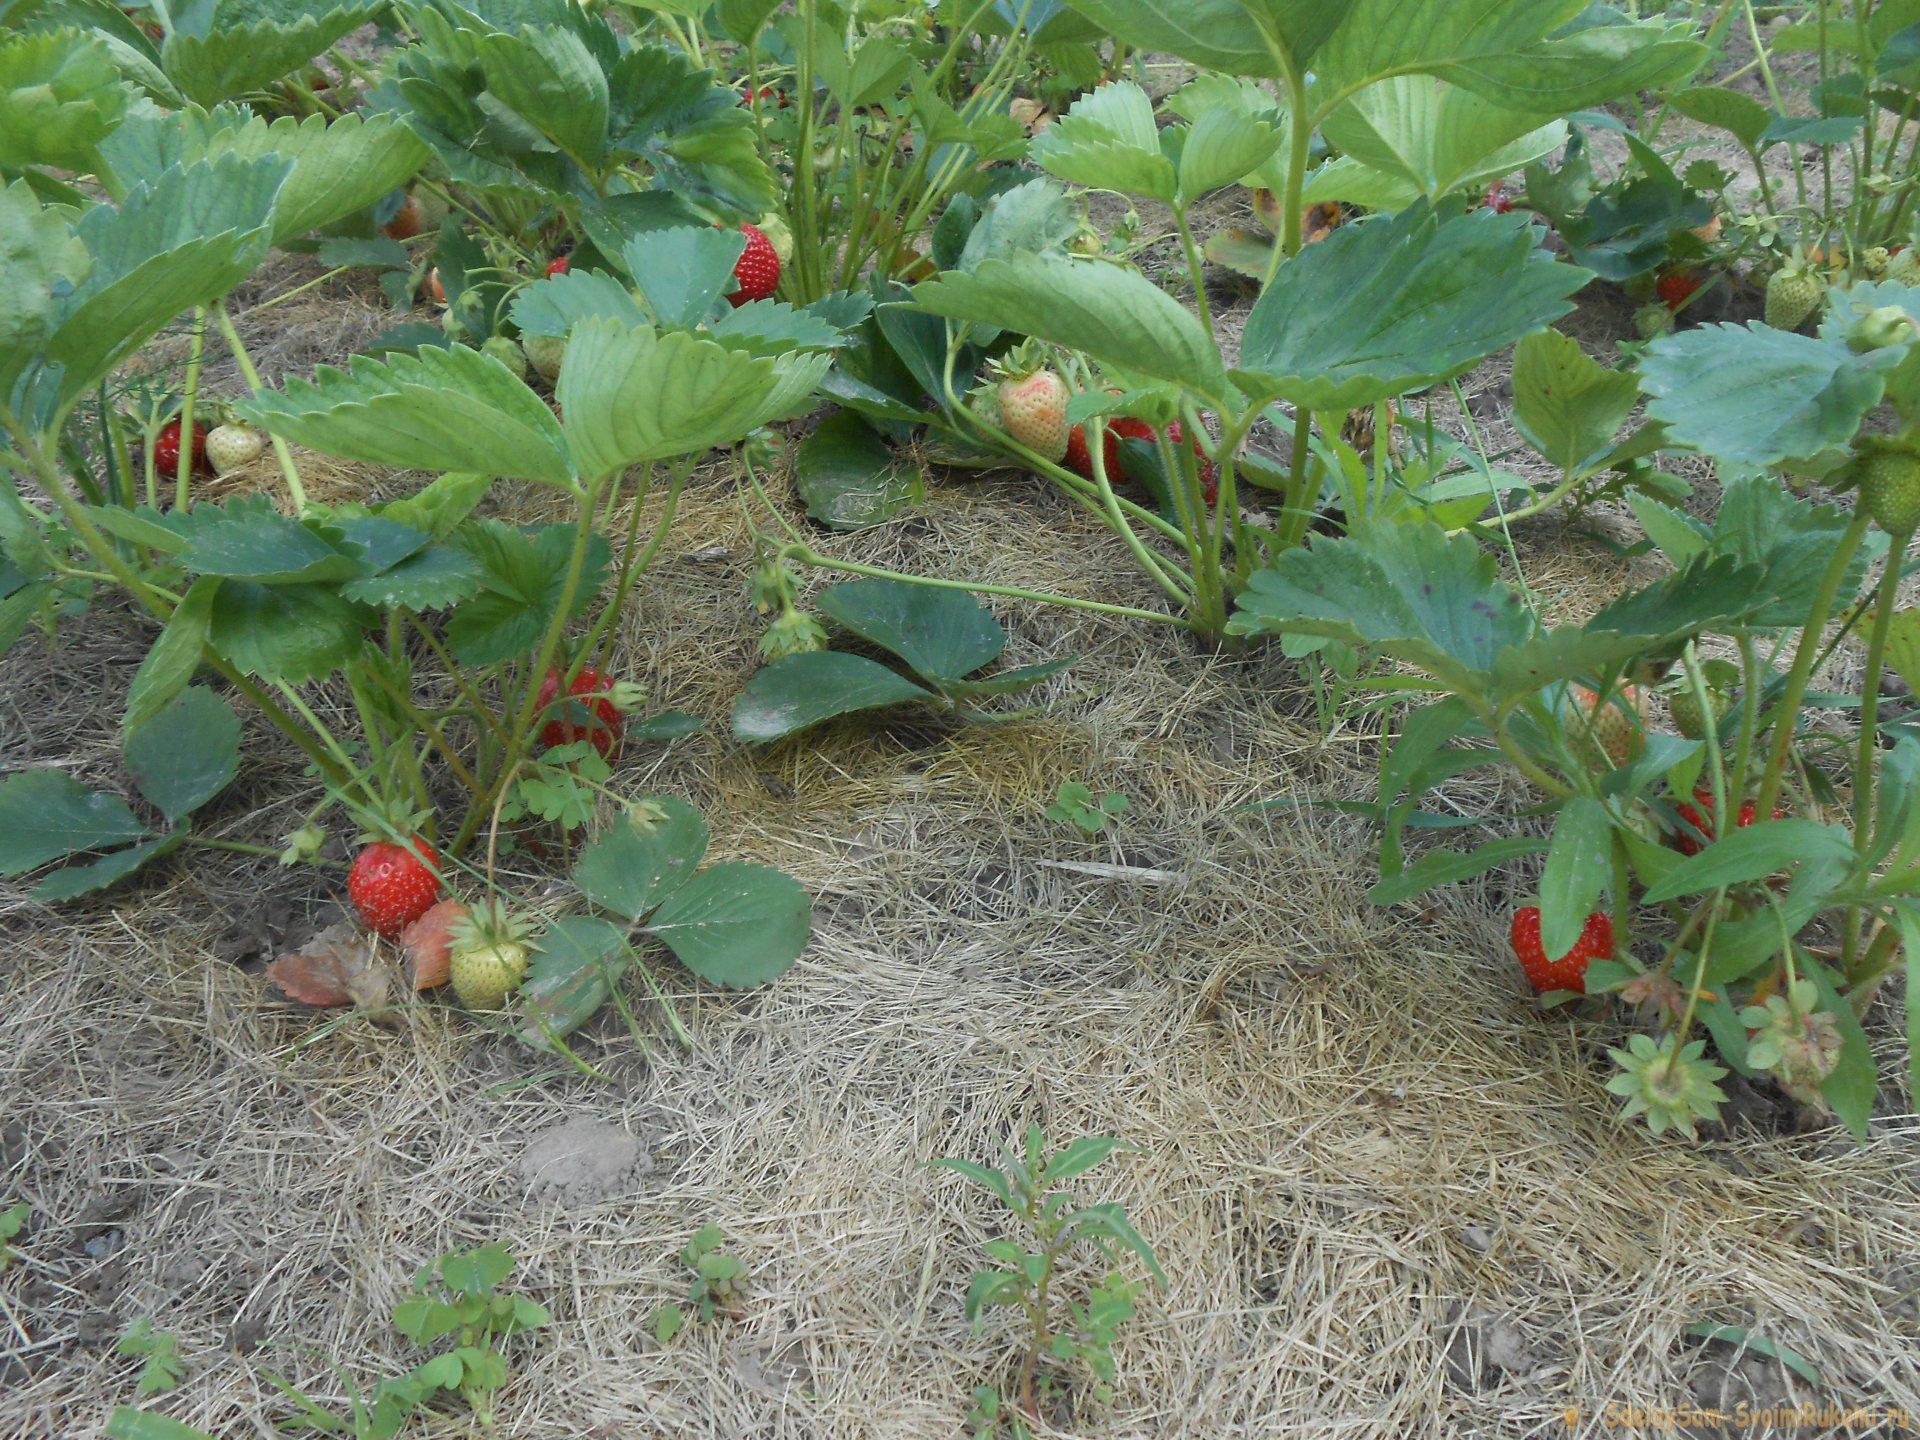 Осенняя посадка садовой земляники со всеми нюансами для обильного урожая